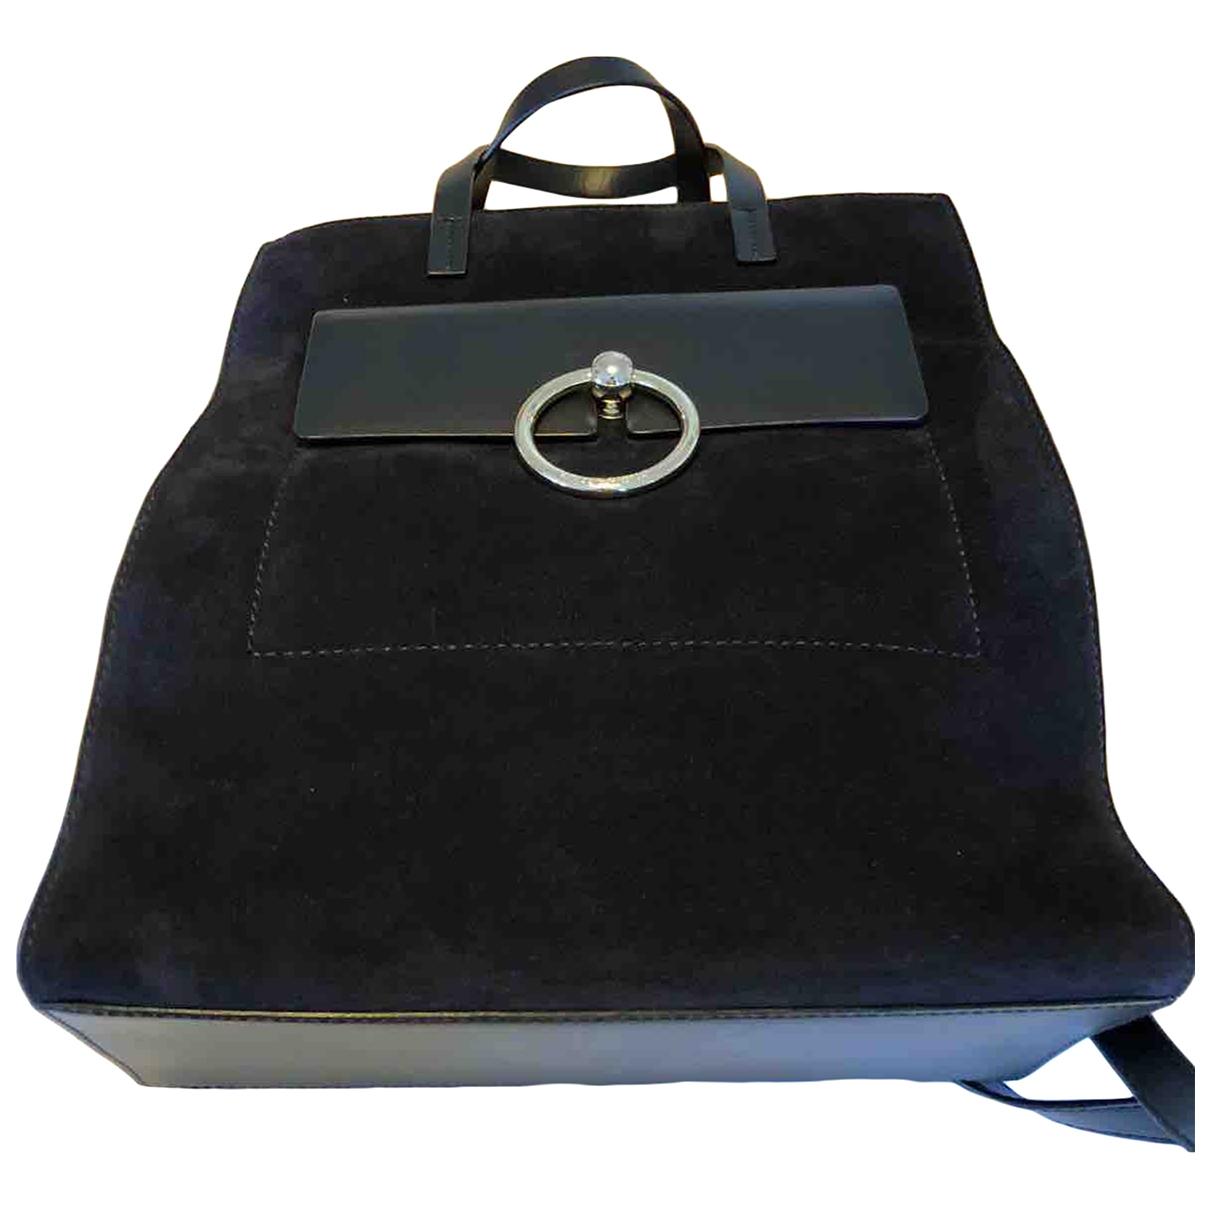 Claudie Pierlot \N Navy Suede handbag for Women \N